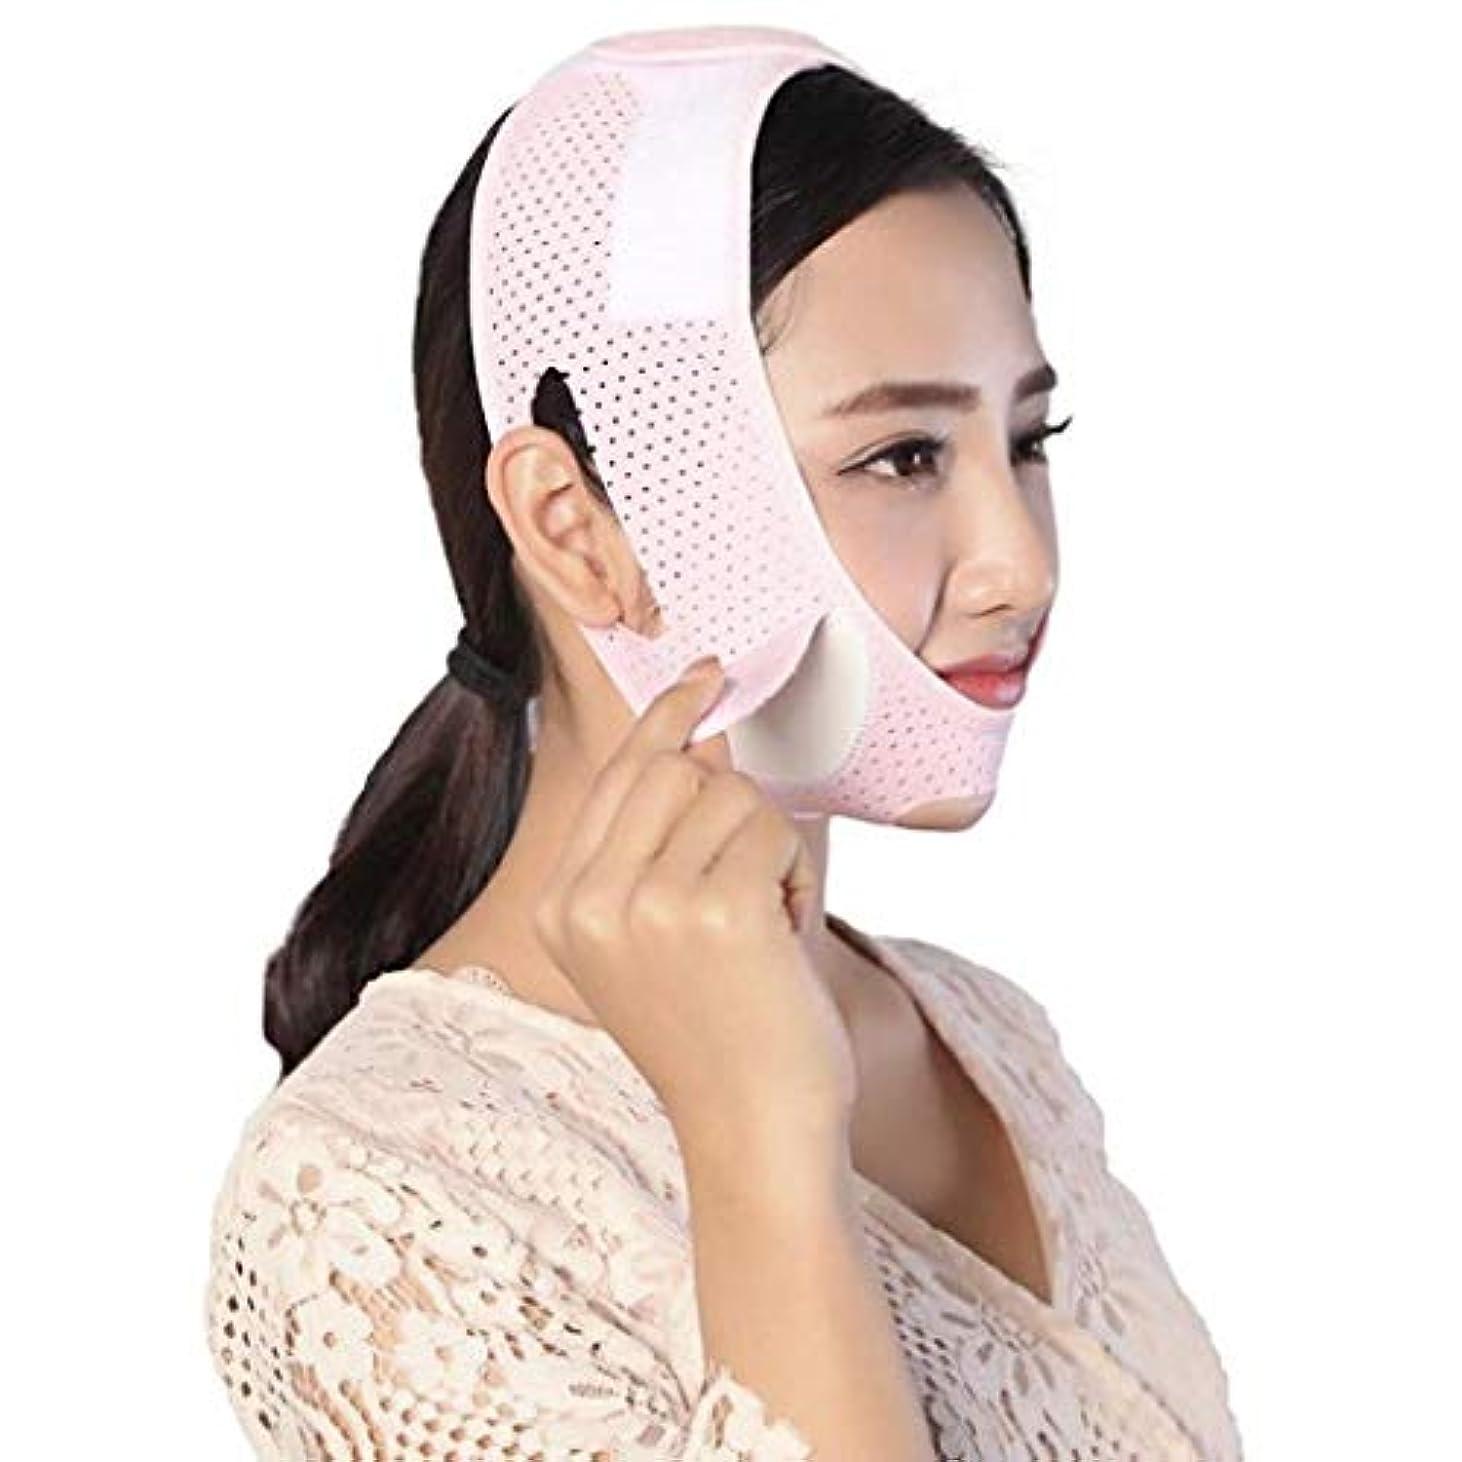 常識医薬気をつけてVフェイスリフティング痩身Vフェイスマスクフルカバレッジ包帯減らす顔の二重あごケア減量美容ベルト通気性